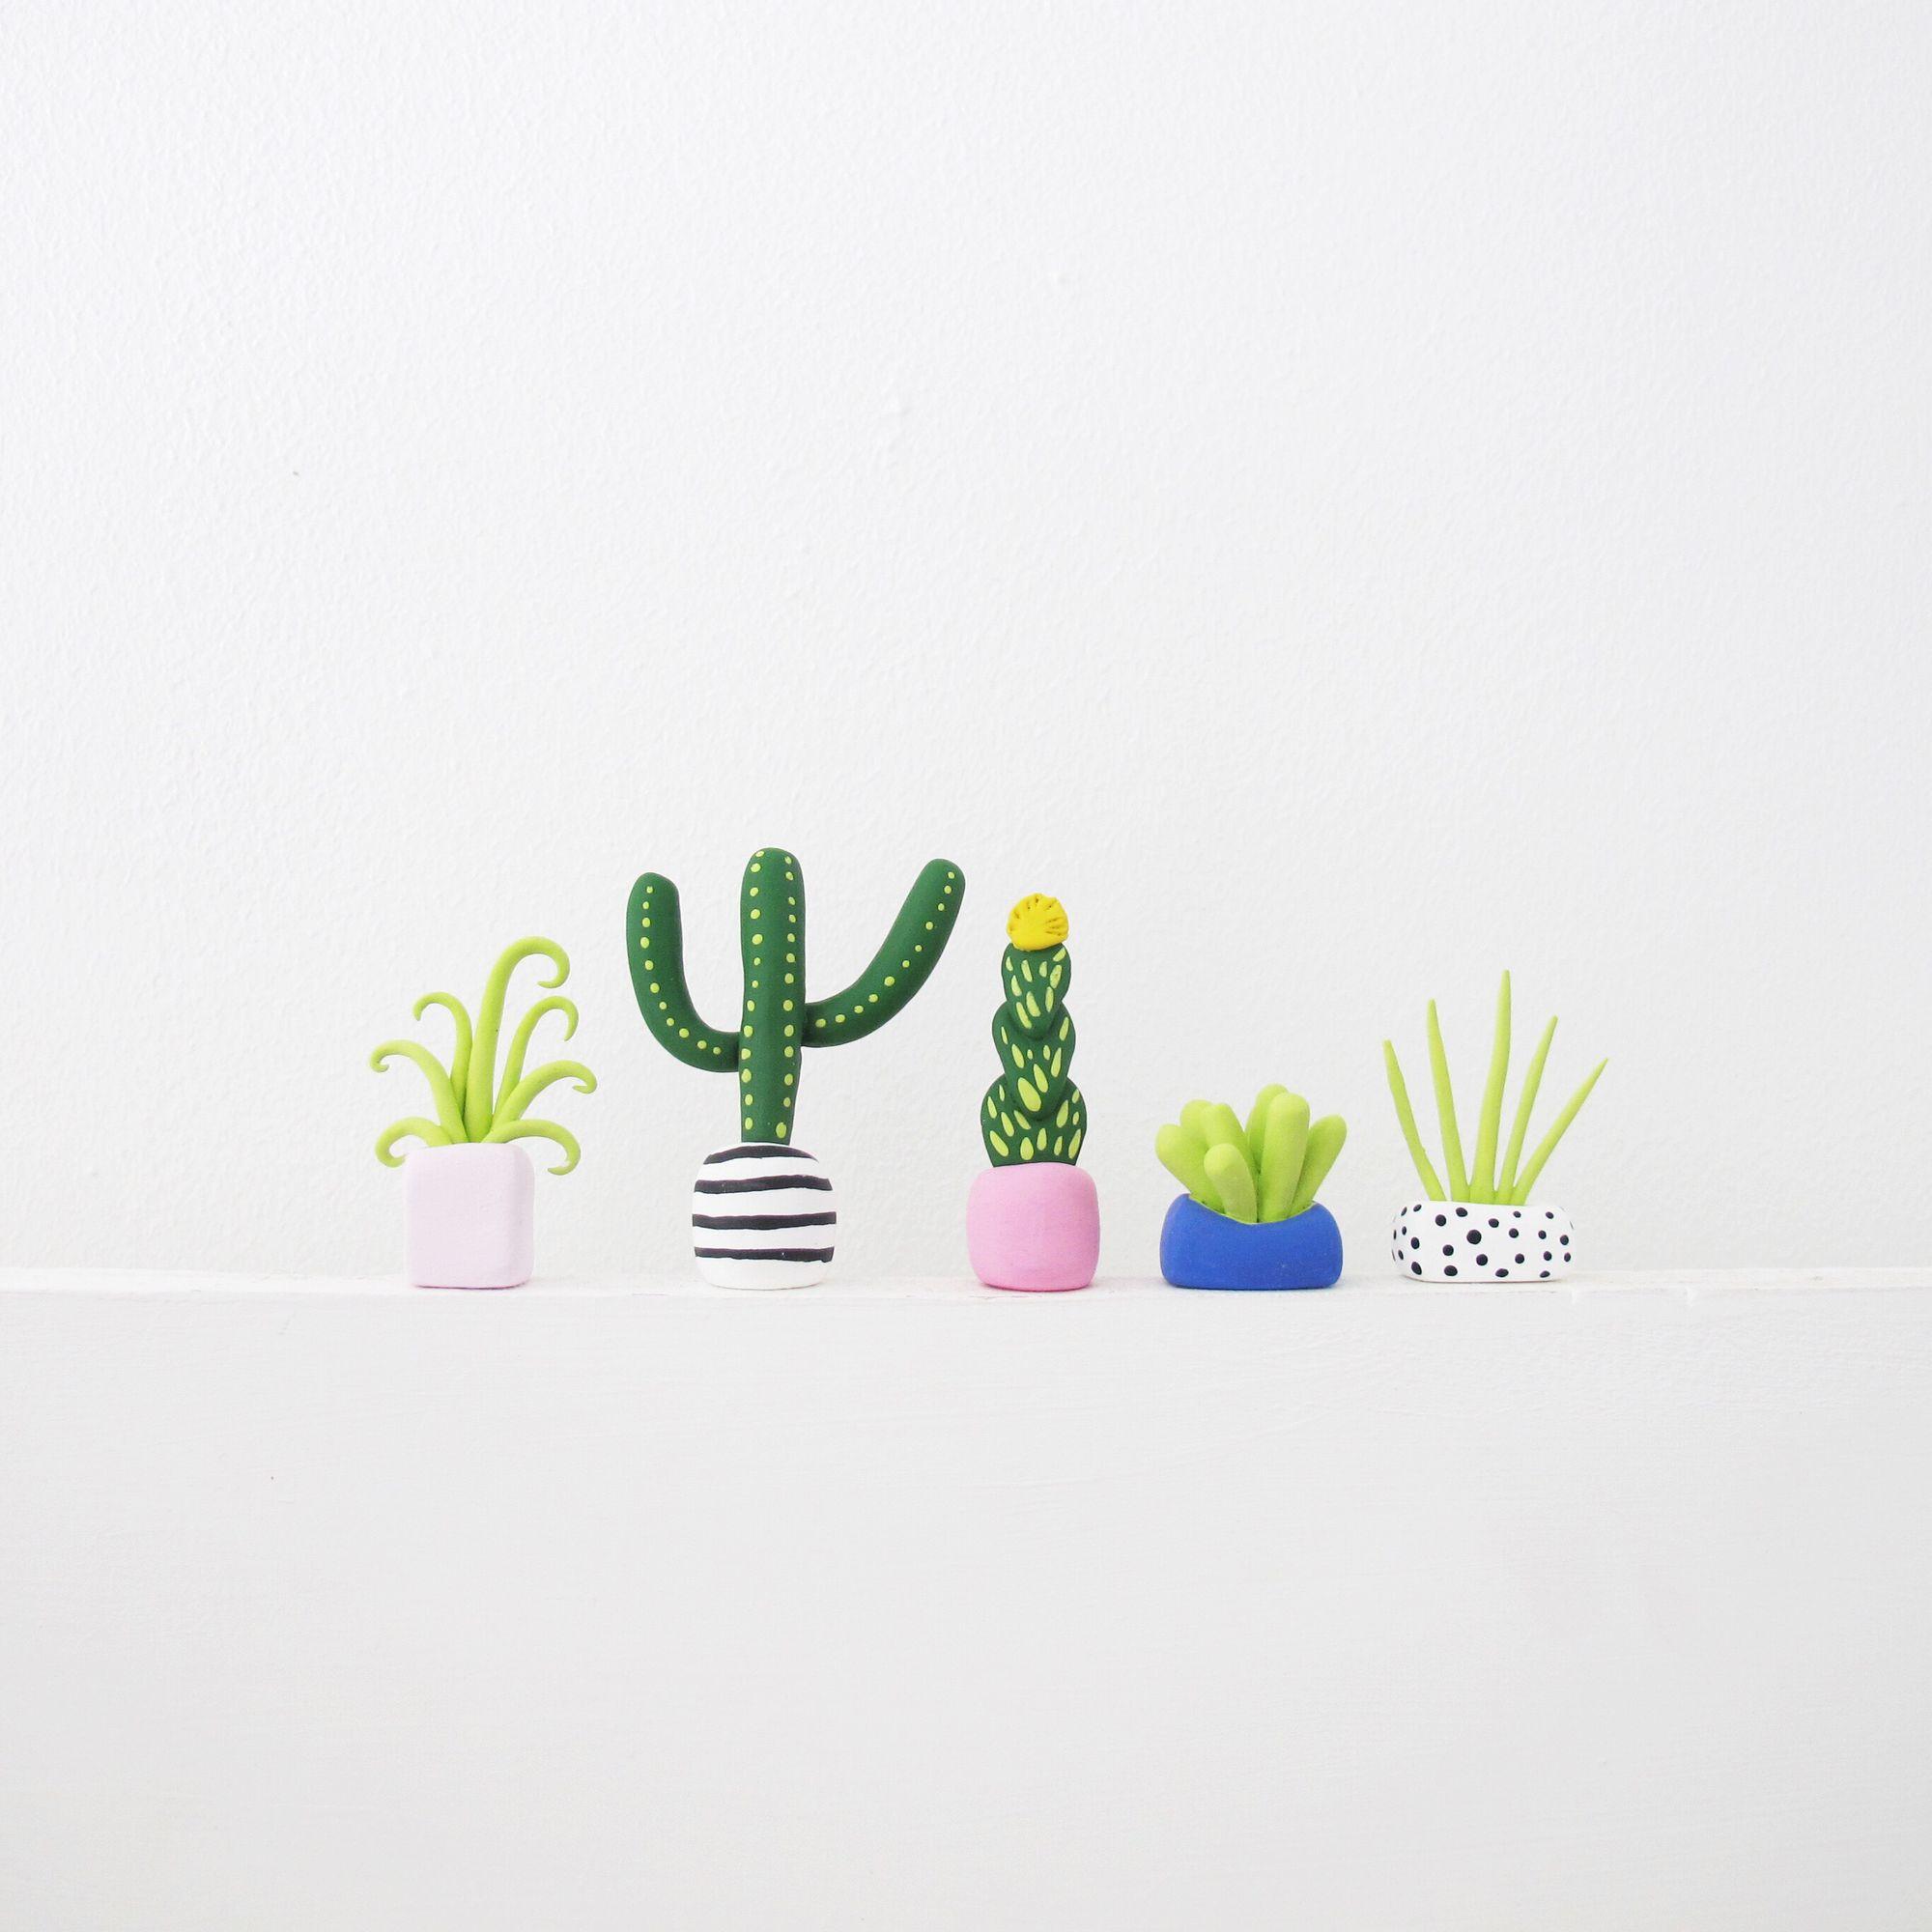 Необычные растения из полимерной глины - Фото 5